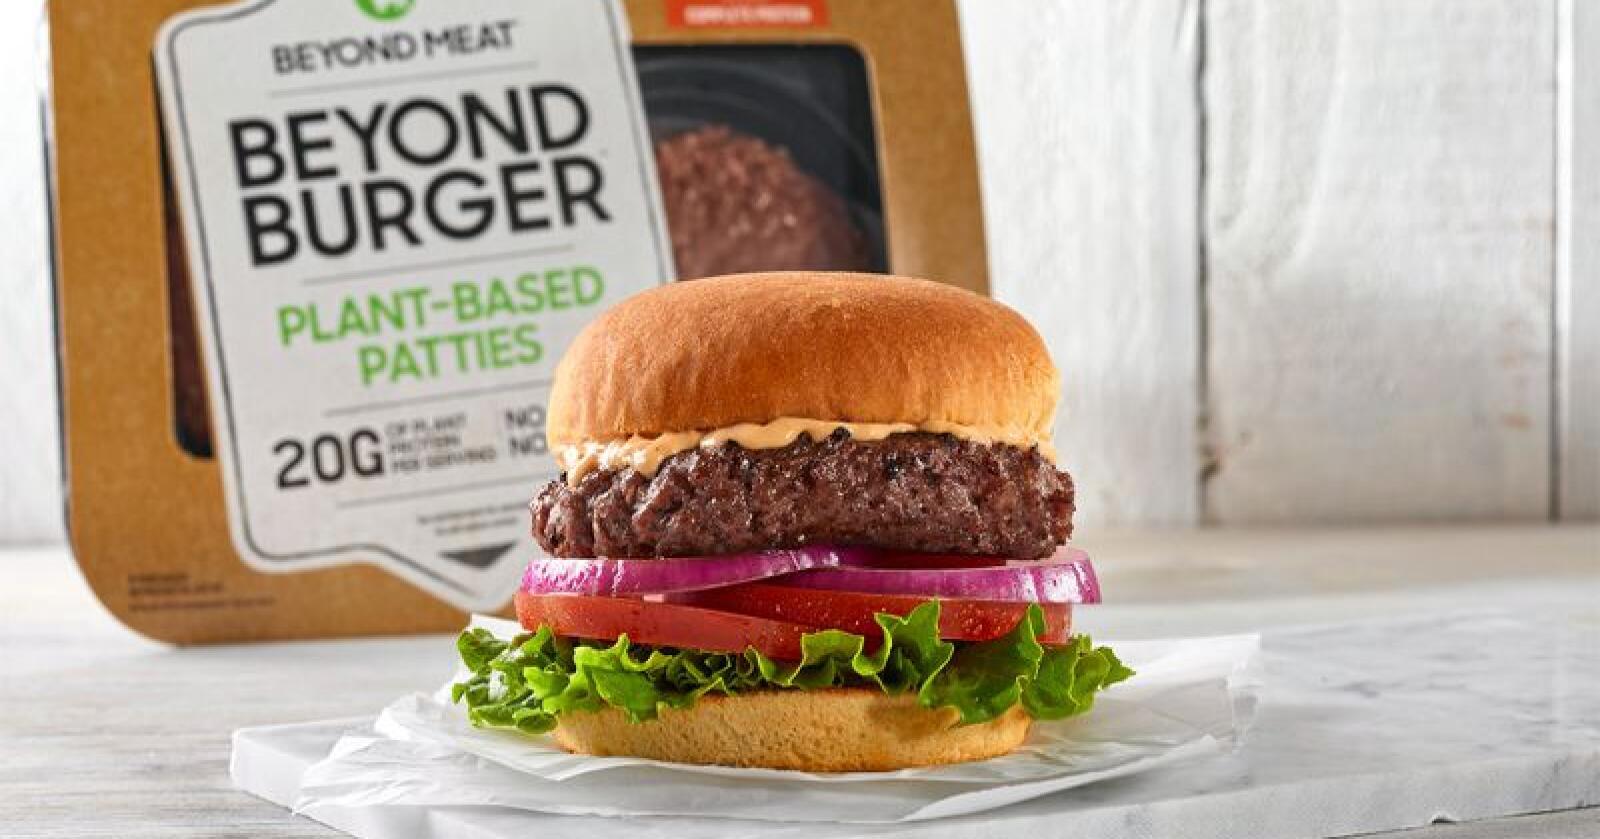 Uten kjøtt: Må mat være prosessert for å telle? Neste steg er kunstig kjøtt. Er det bra for naturen? Foto: Beyond Meat